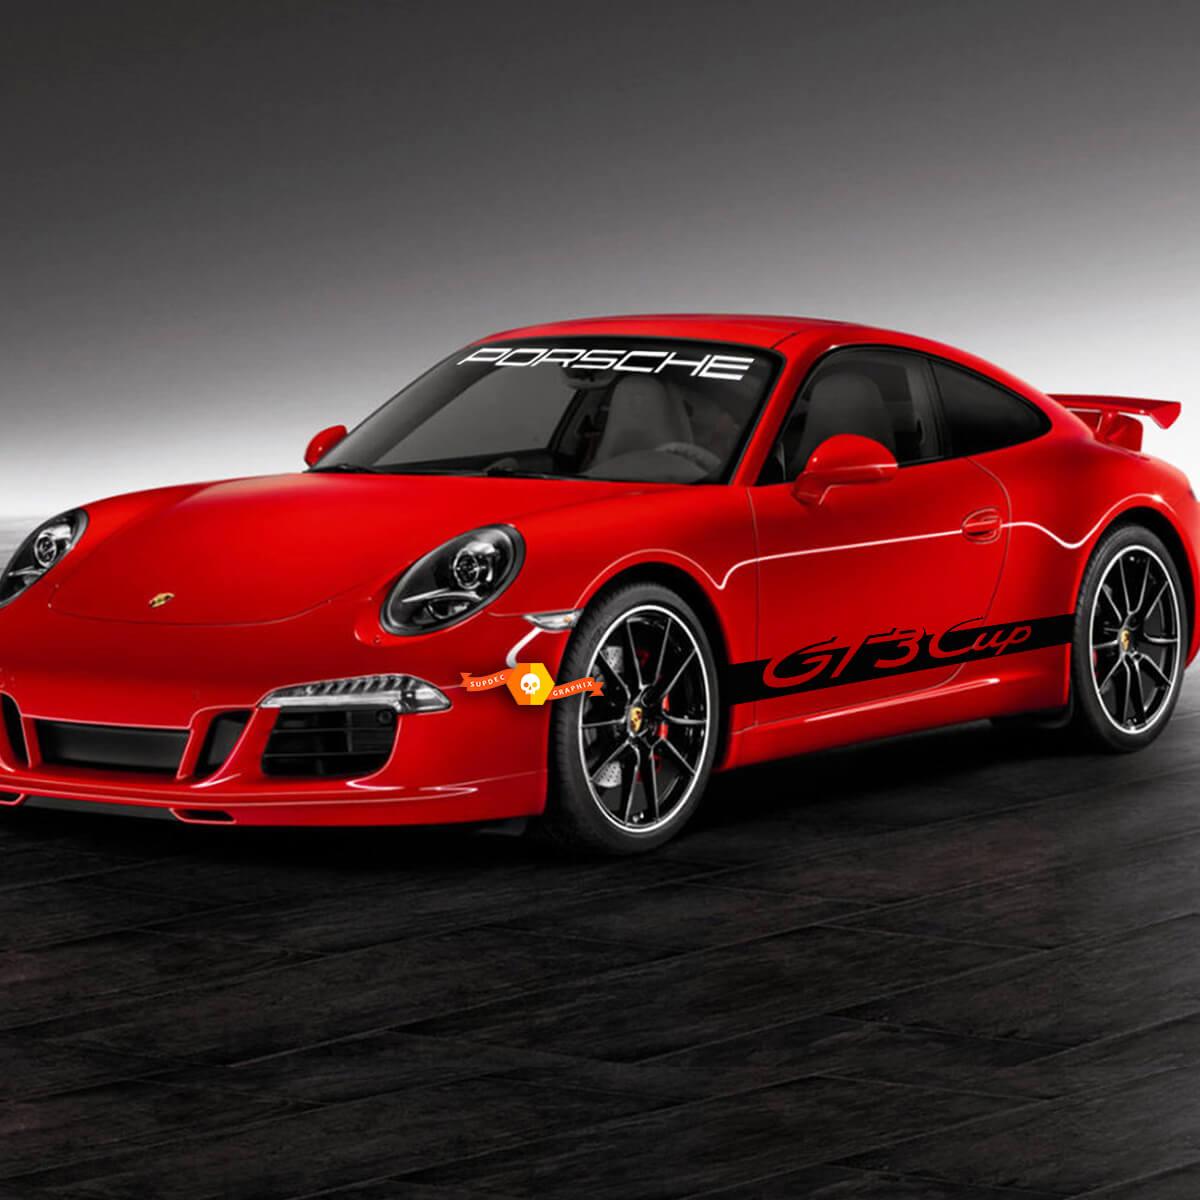 Porsche 911 GT3 Cup Seitenstreifen Kit Aufkleber Aufkleber